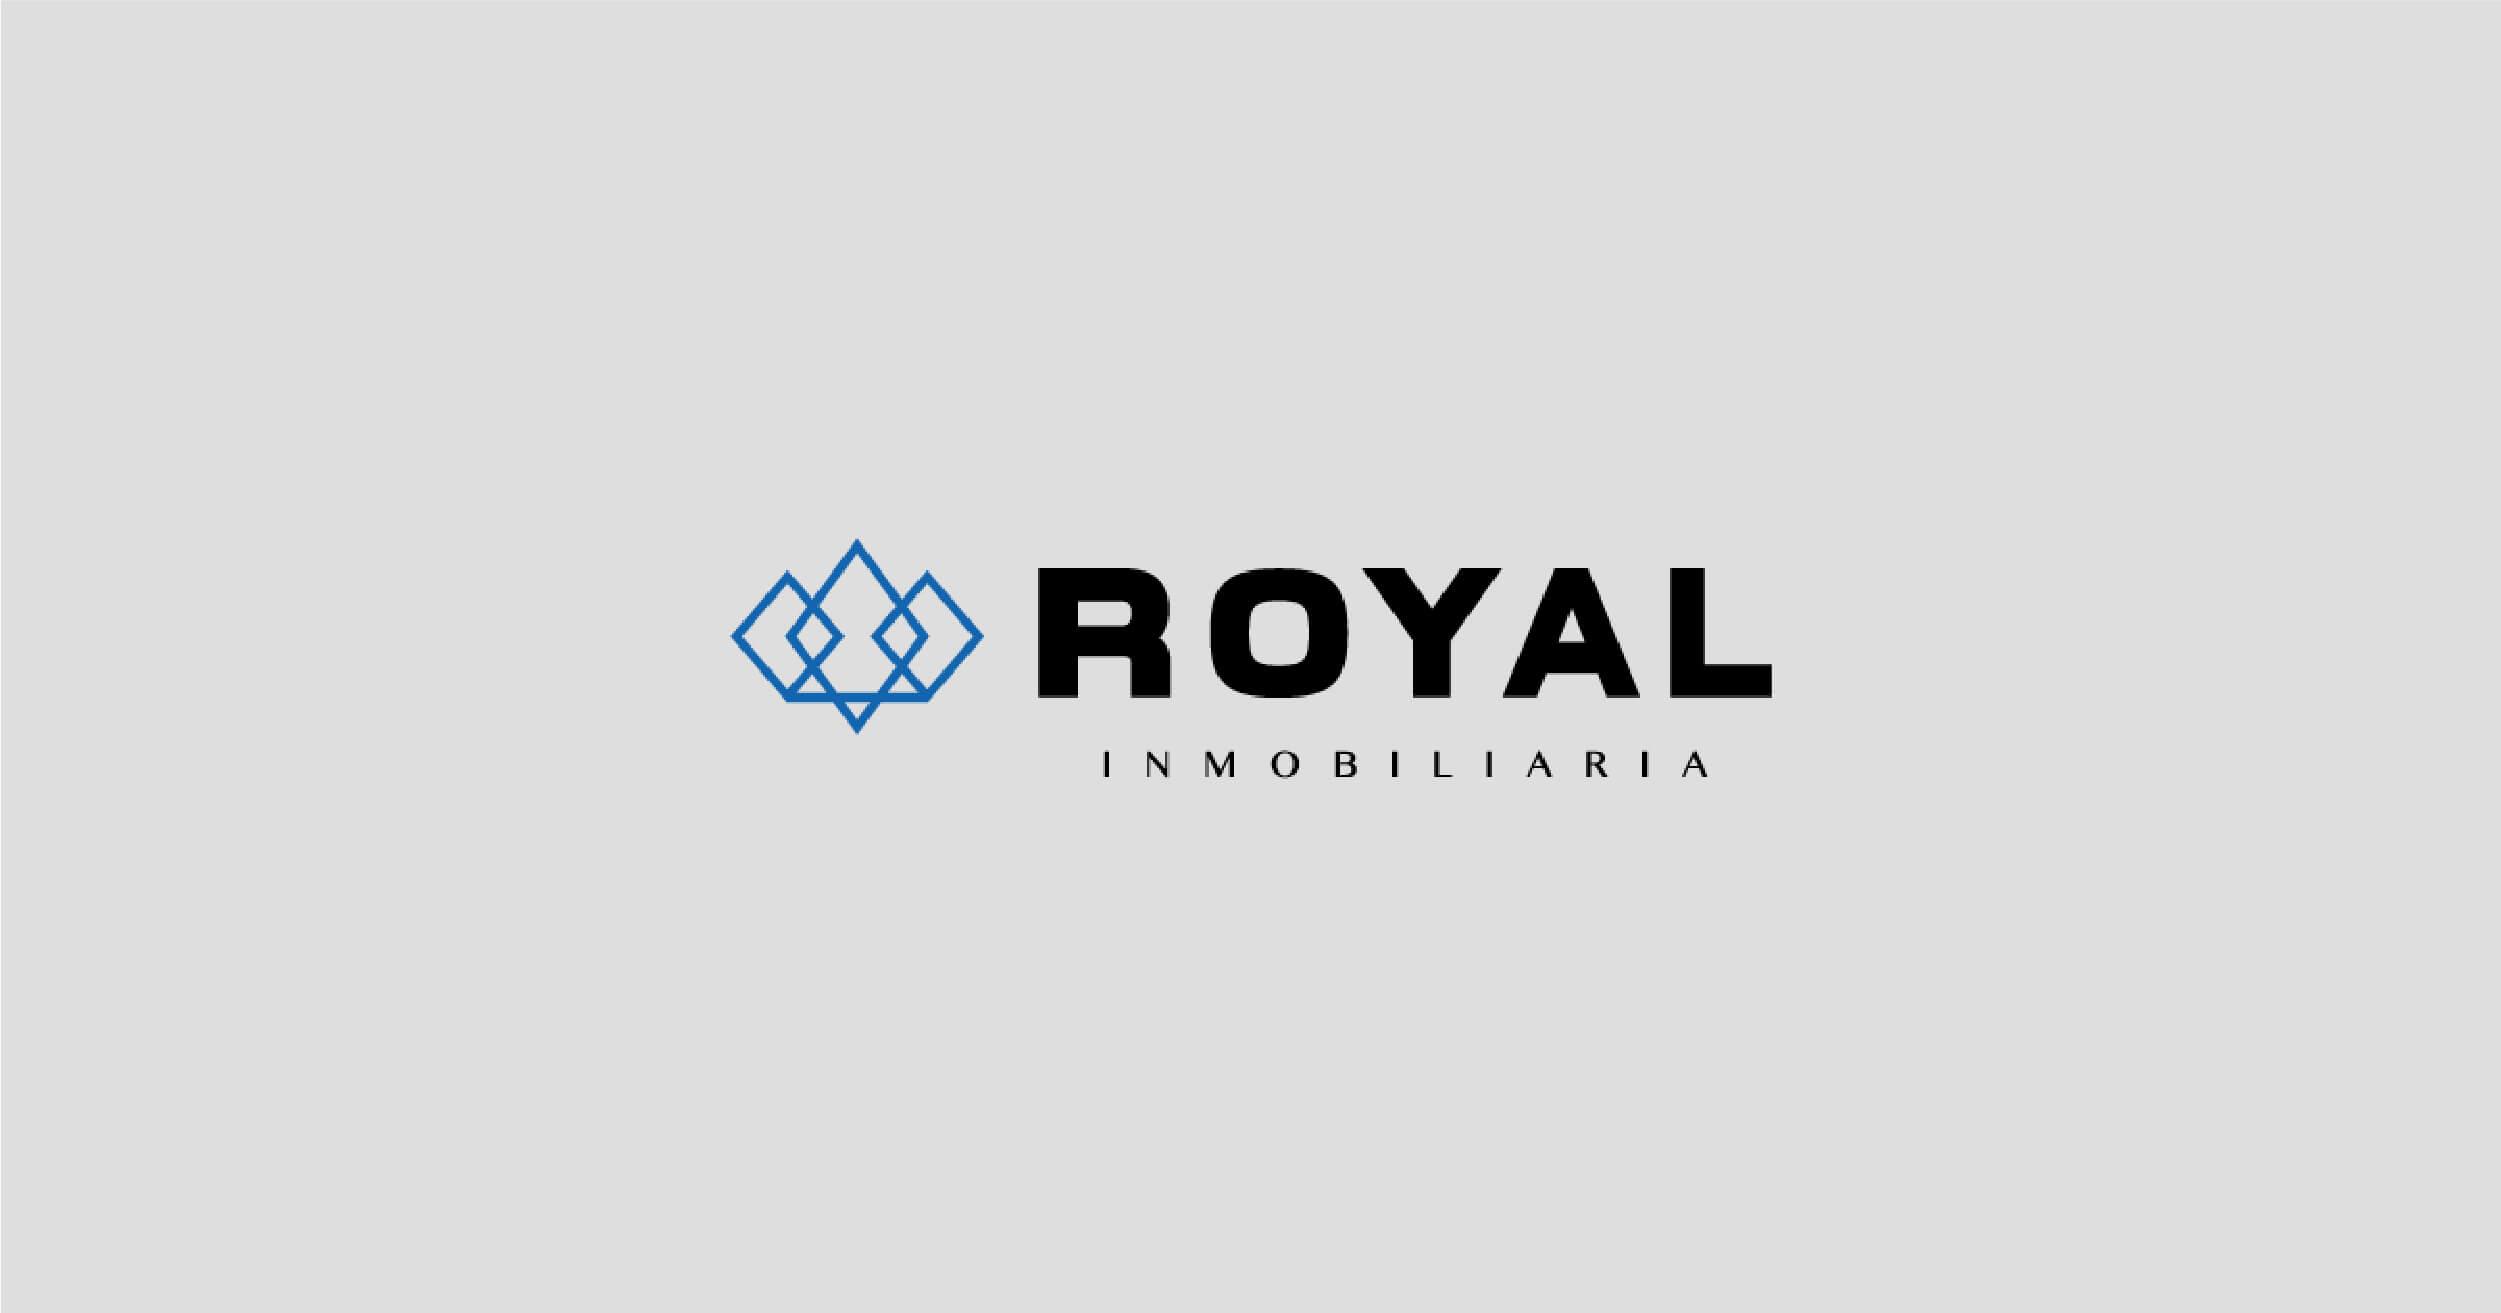 FullFrame-Photomkt-Portafolio-Cover-Royal-Inmobiliaria